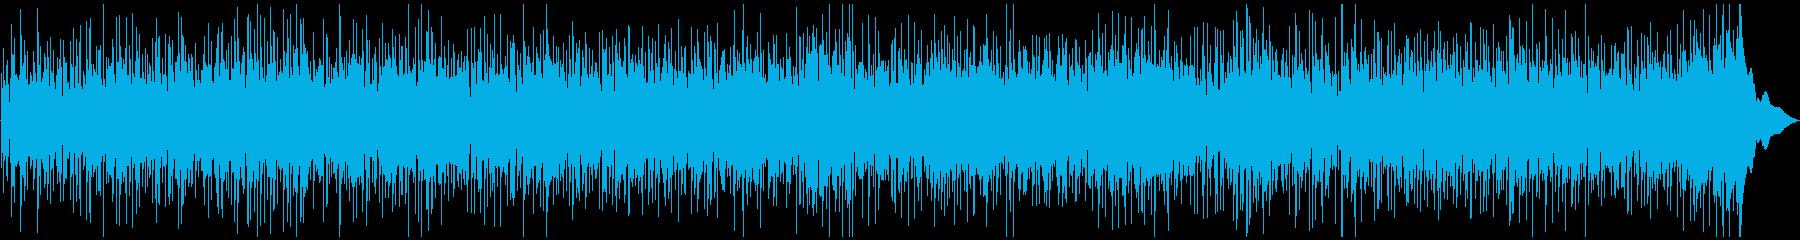 陽気で軽快なカントリー風BGMの再生済みの波形